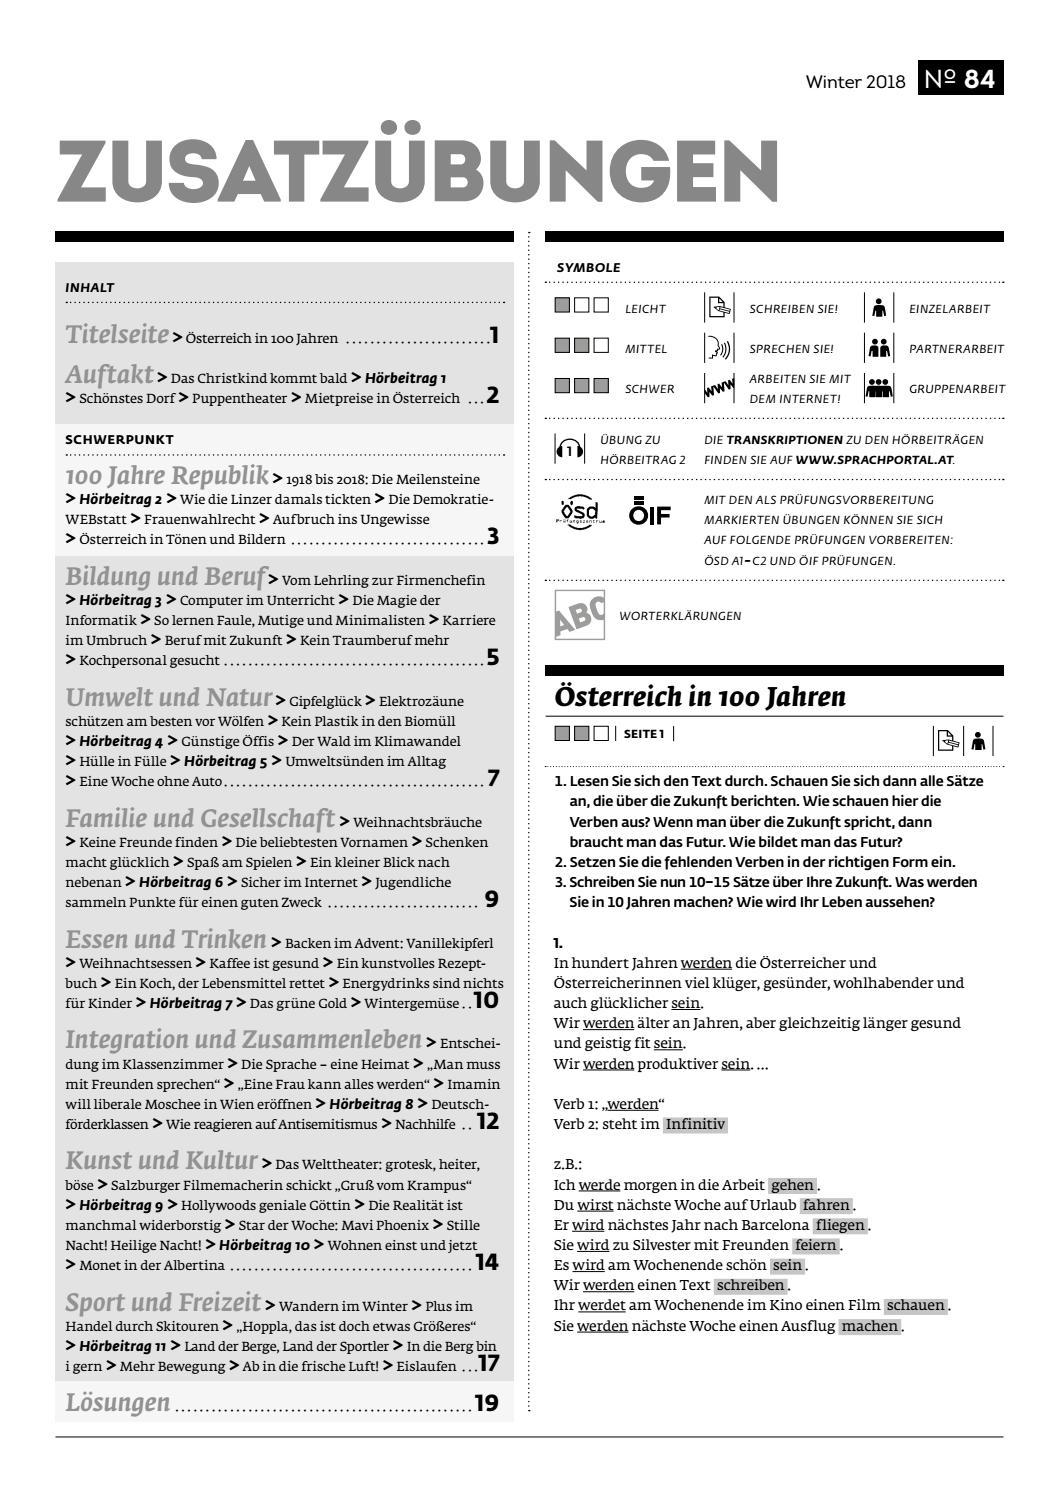 Grats Zusatzubungen Osp 84 By Osterreichischer Integrationsfonds Issuu